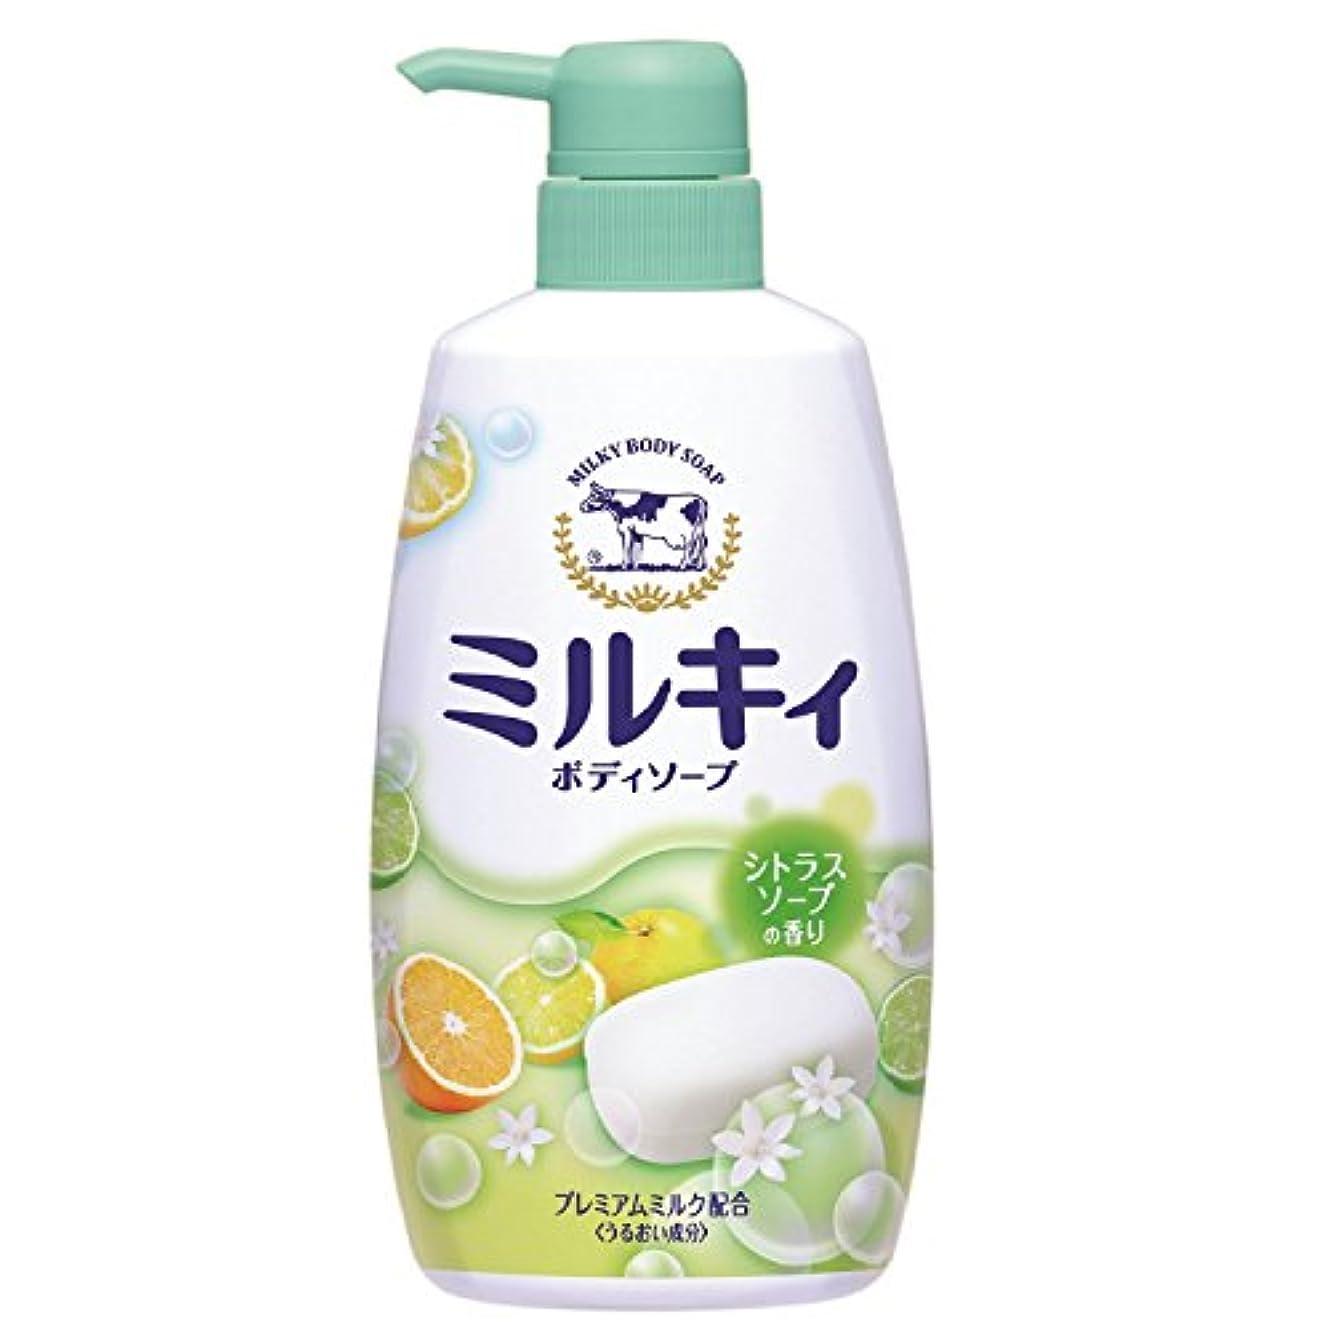 フレアきちんとしたペッカディロミルキィボディソープ シトラスソープの香り ポンプ 550mL